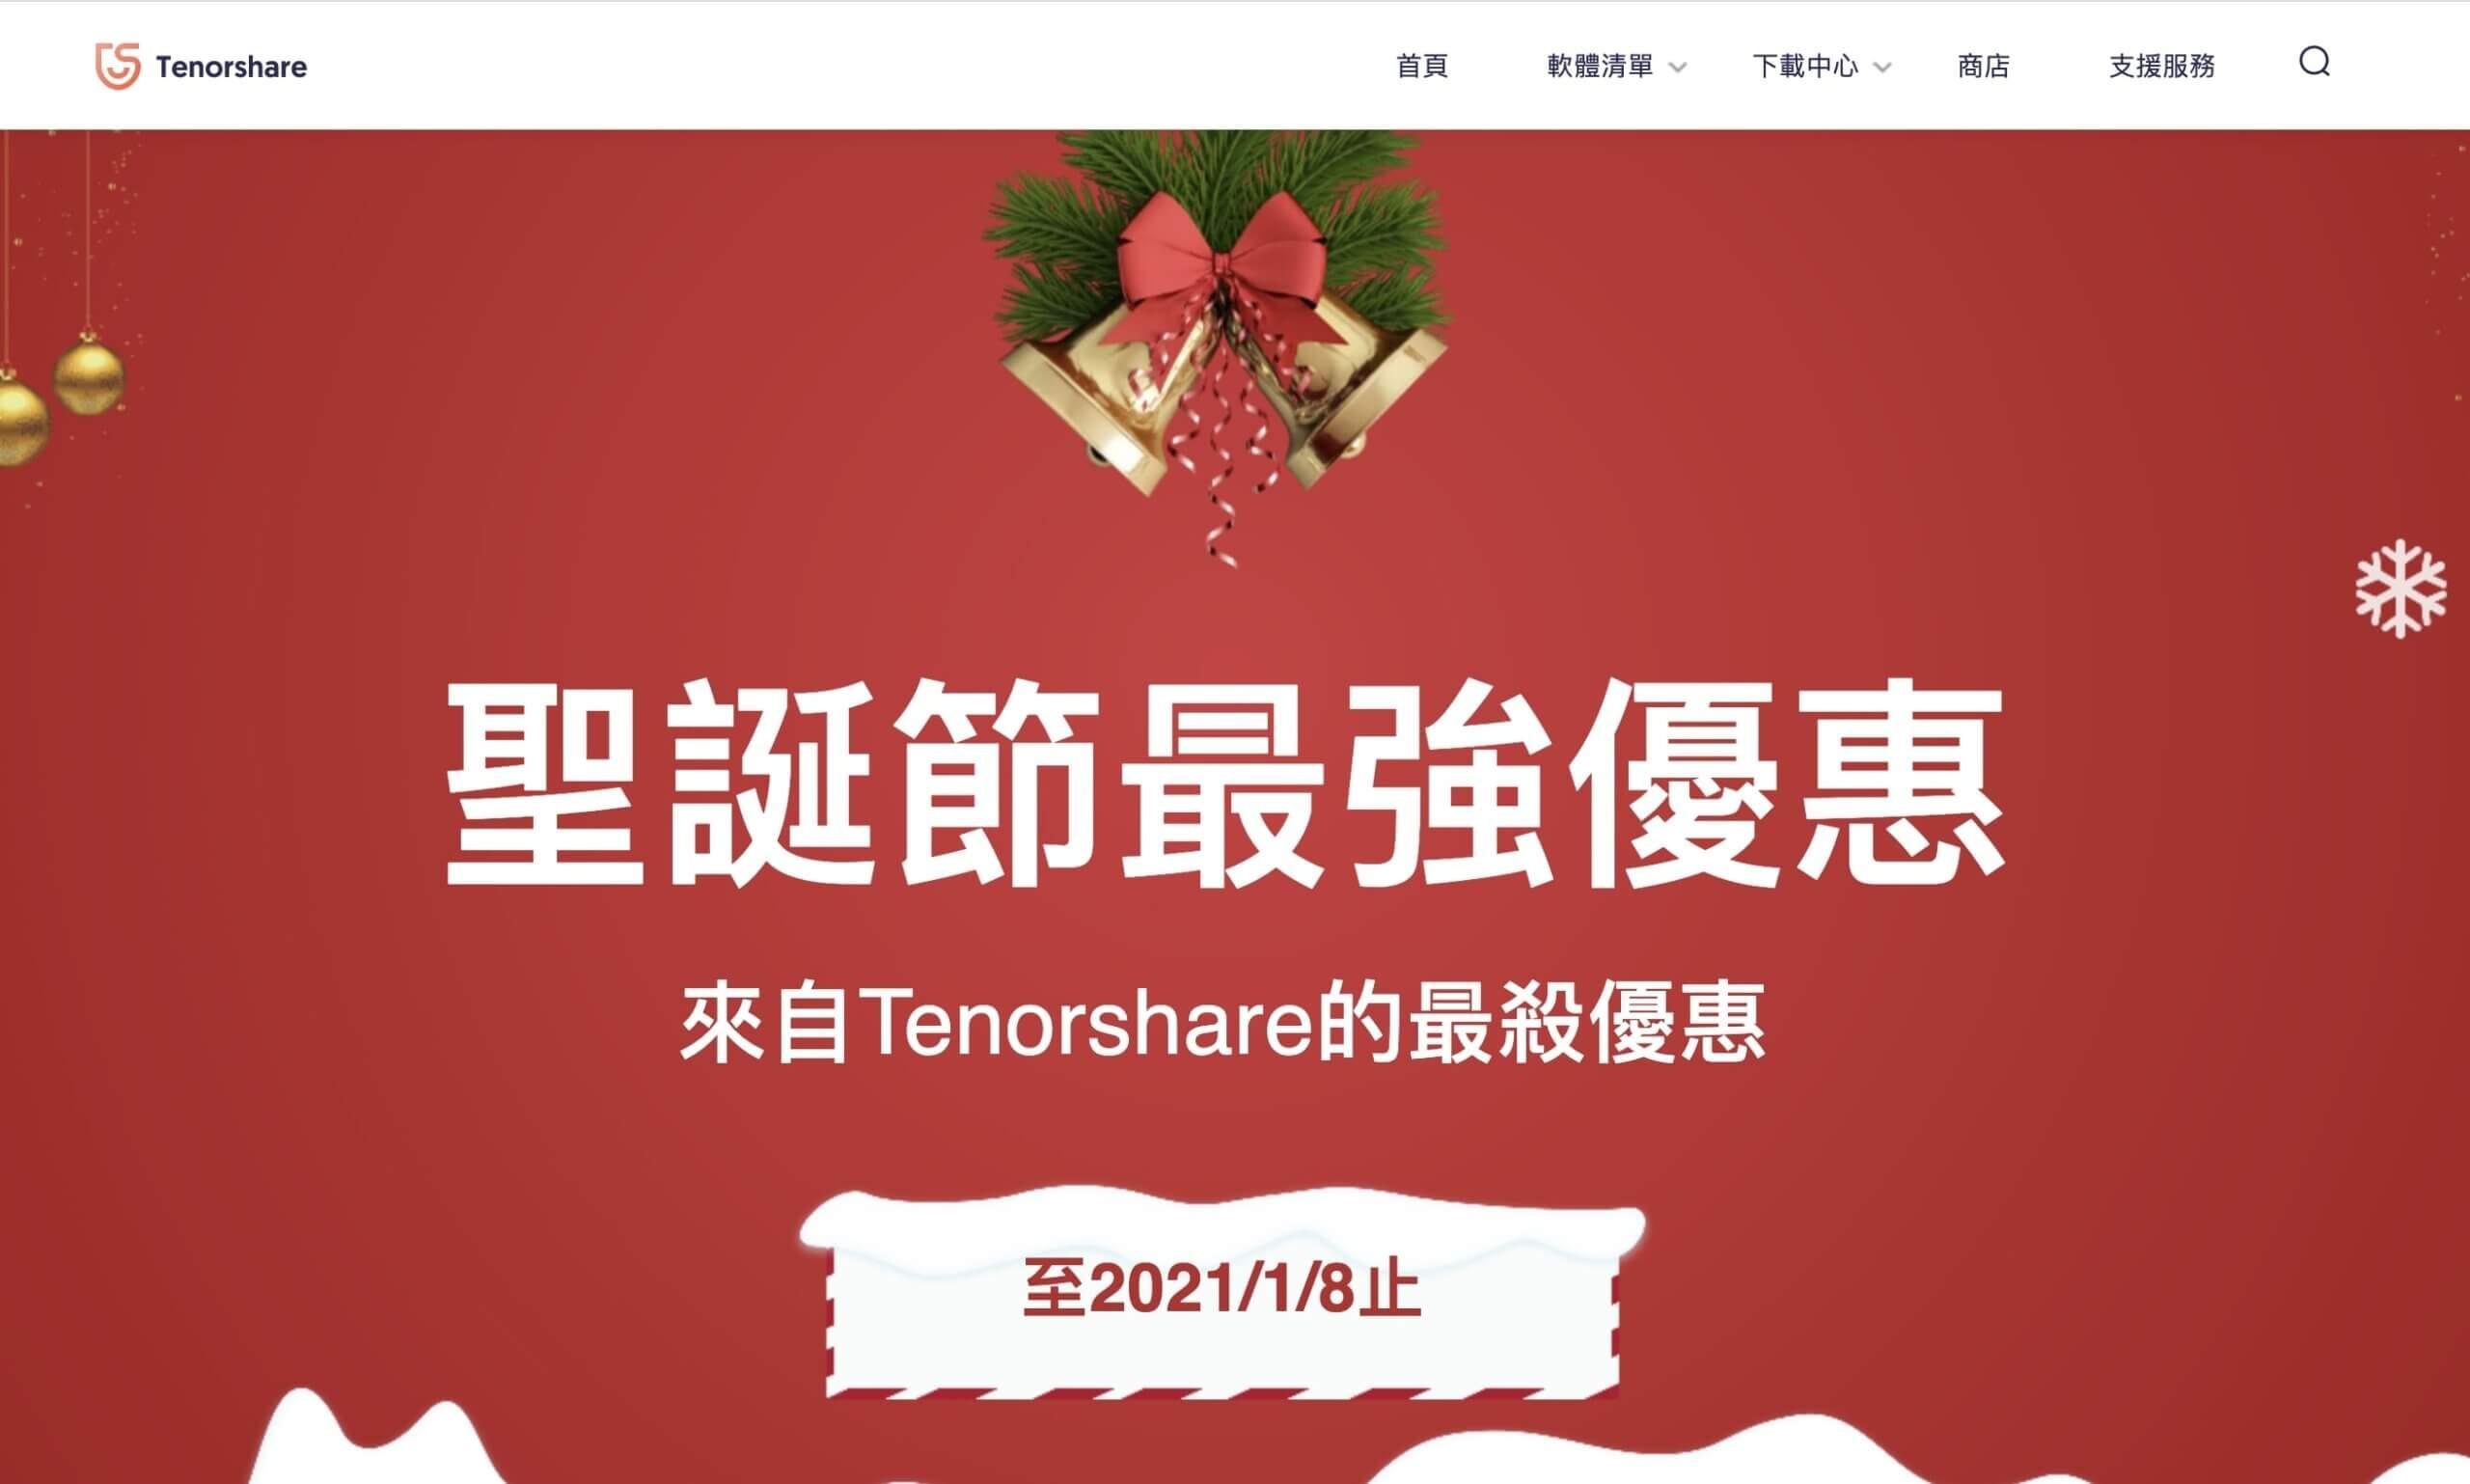 tenorshare 促銷